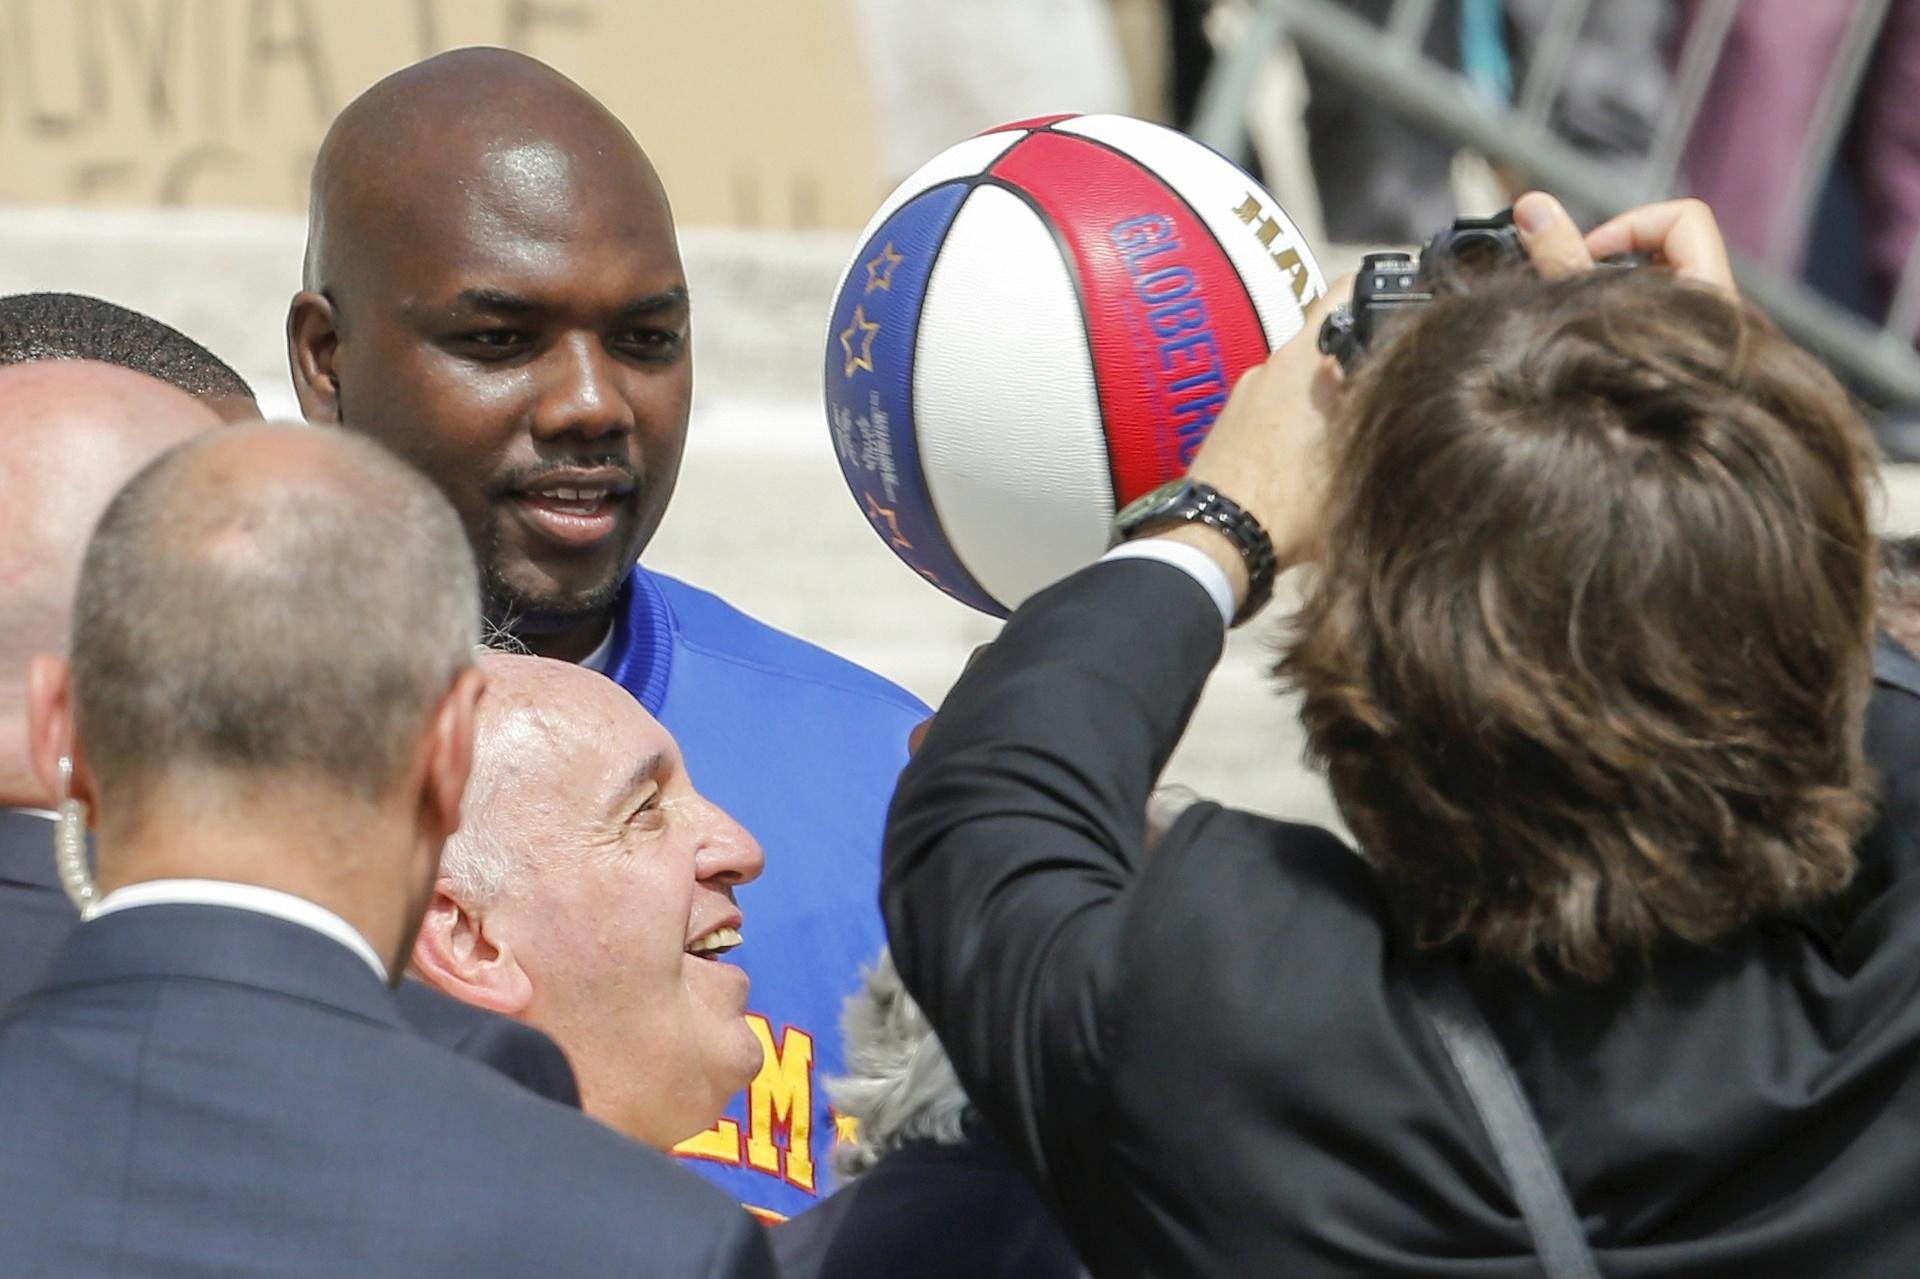 6.mai.2015 - Papa Francisco sorri enquanto joga bola de basquete de membro da equipe do Harlem Globetrotters, recebida durante a audiência semanal na Praça de São Pedro